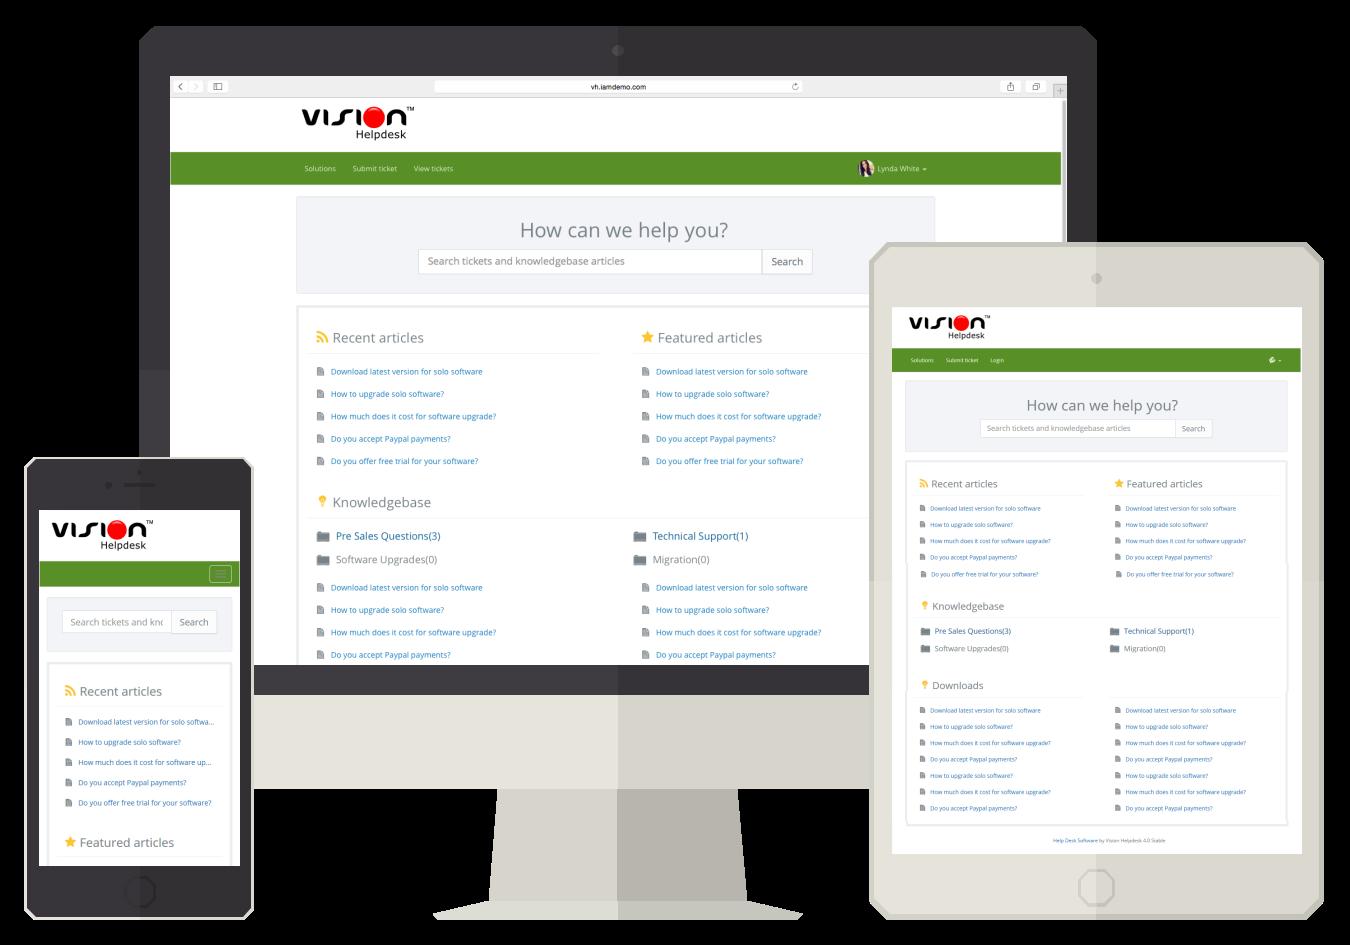 Vision Helpdesk Responsive Client Portal